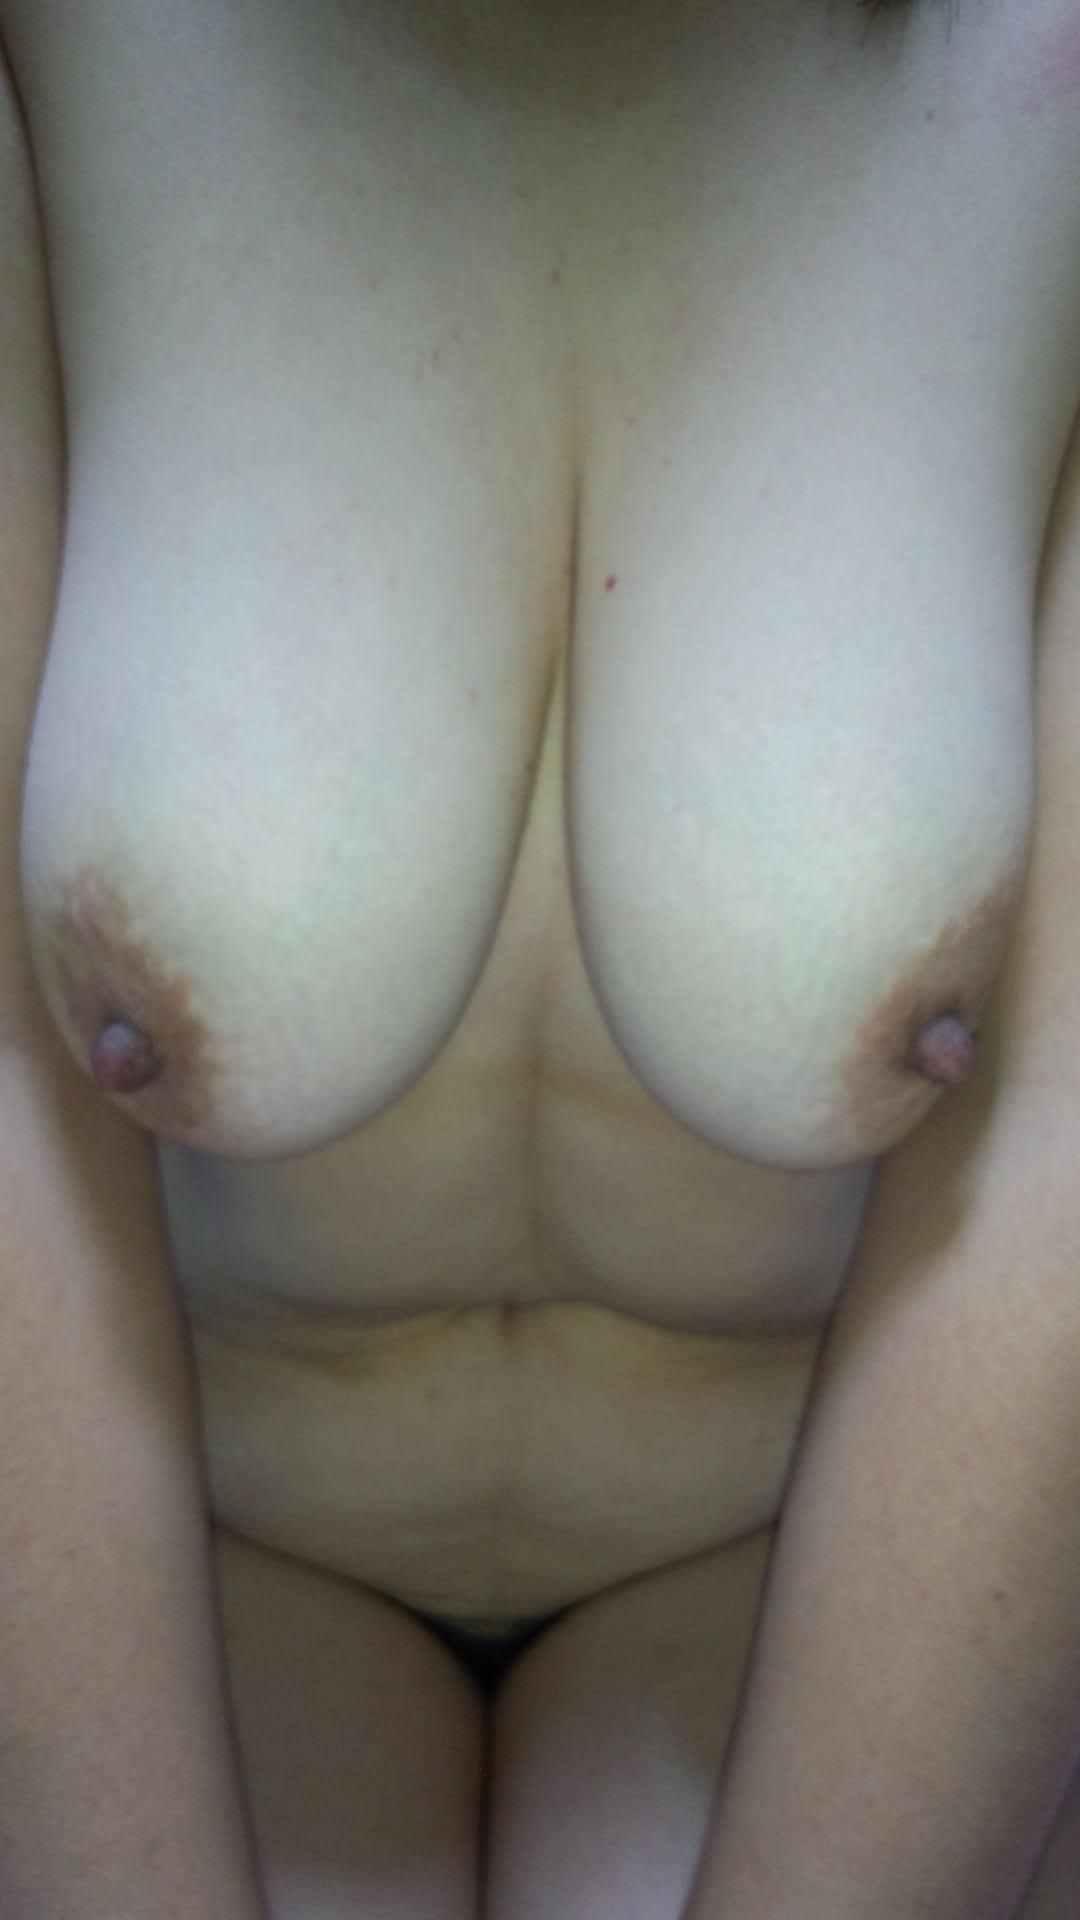 巨乳おっぱい熟女の豊満な身体ほんとすこwww 0812